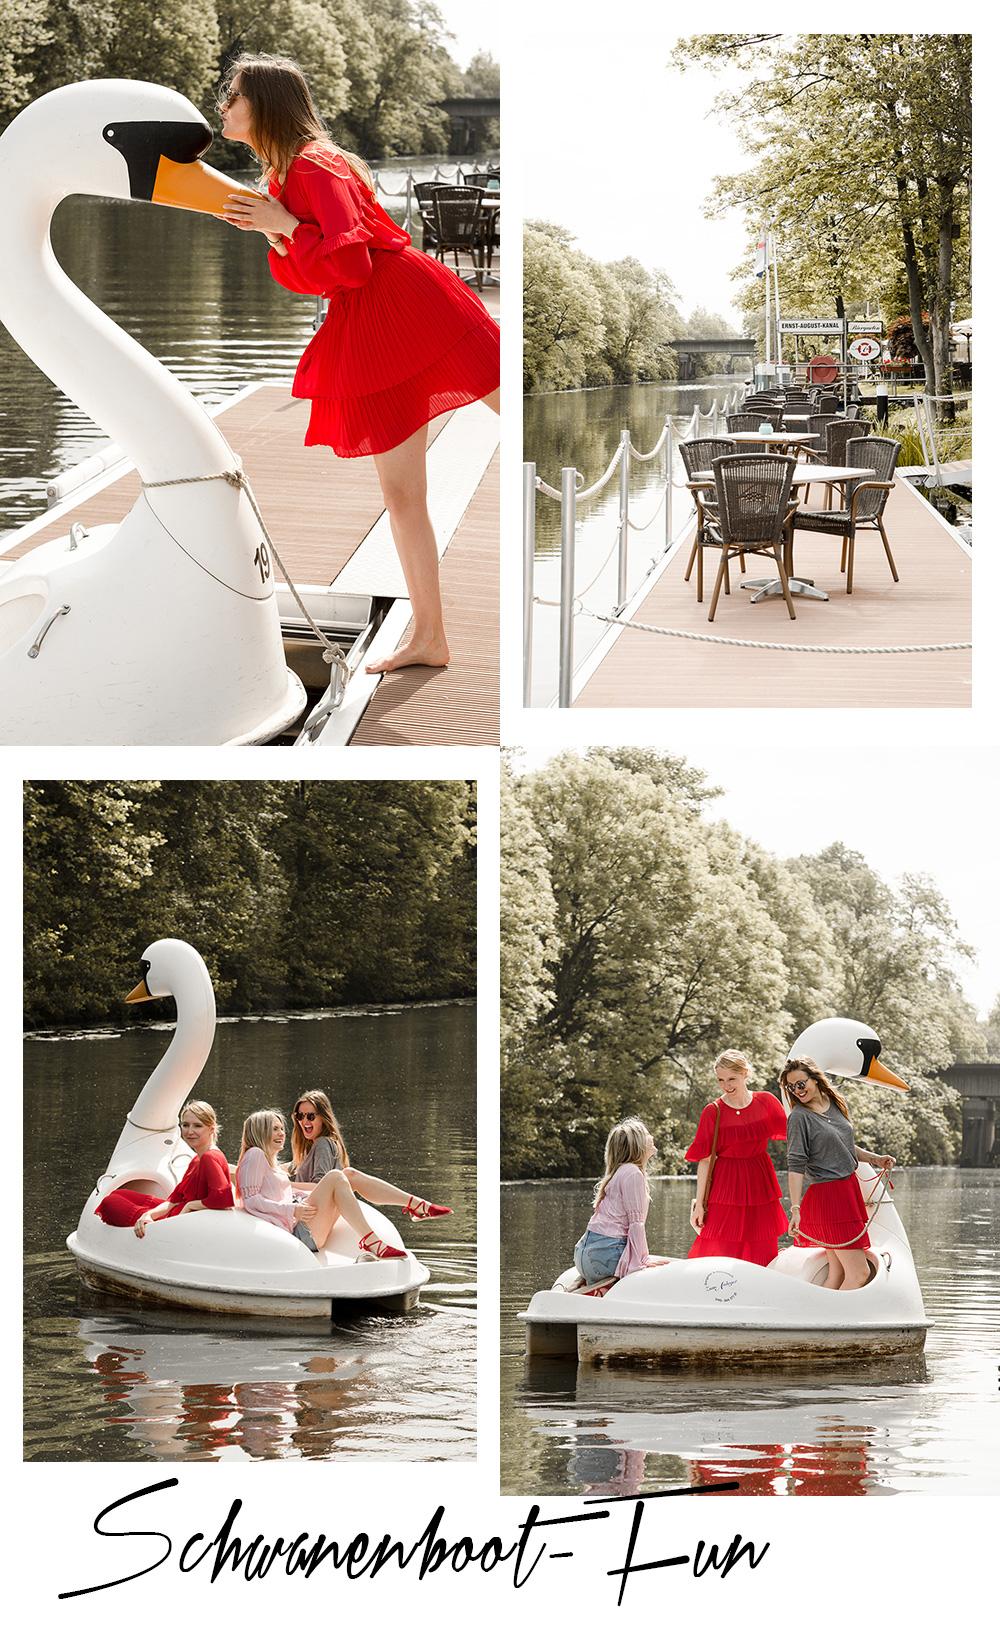 femtastics-mint-and-berry-hamburg-schwanenboot-fahren